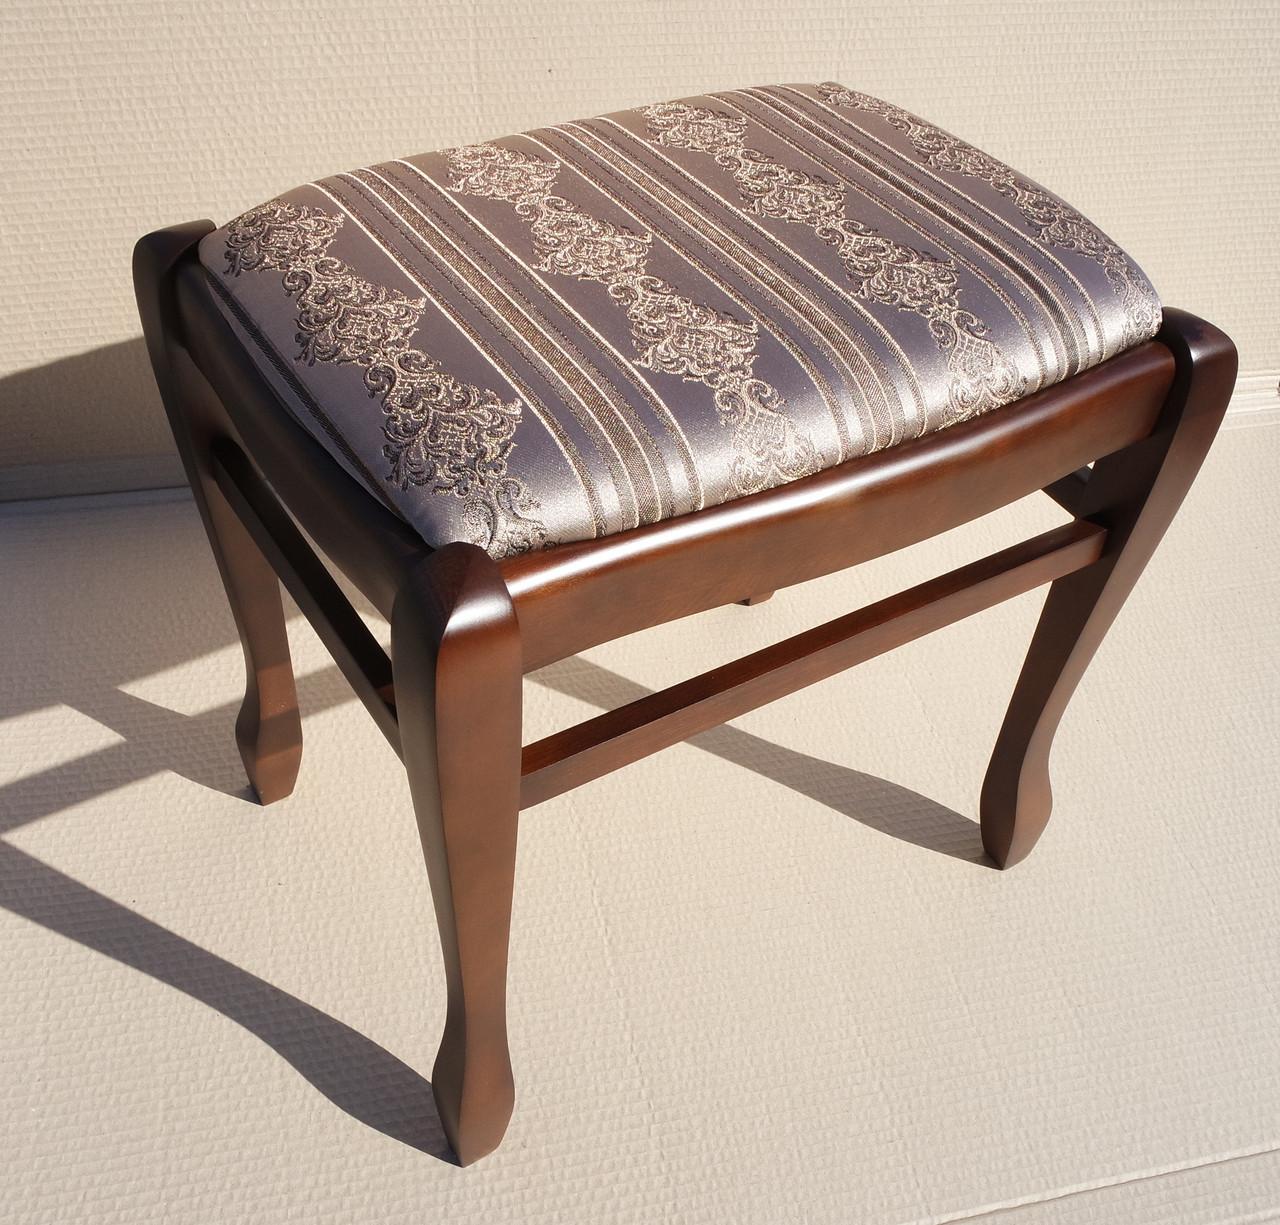 Банкетка деревянная Гармония 45 см Fn,цвет  орех